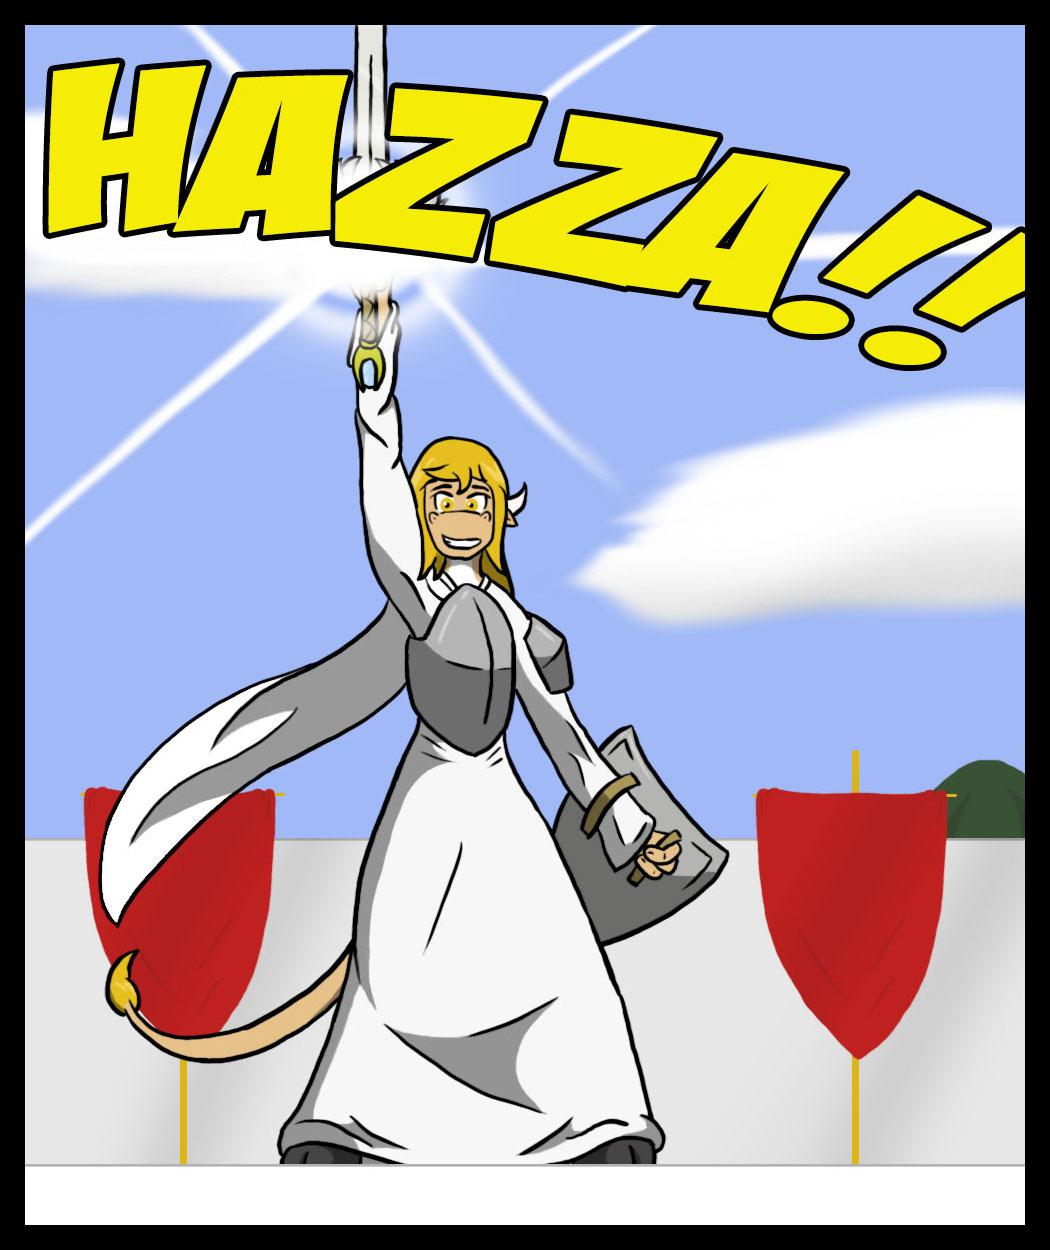 Hazza